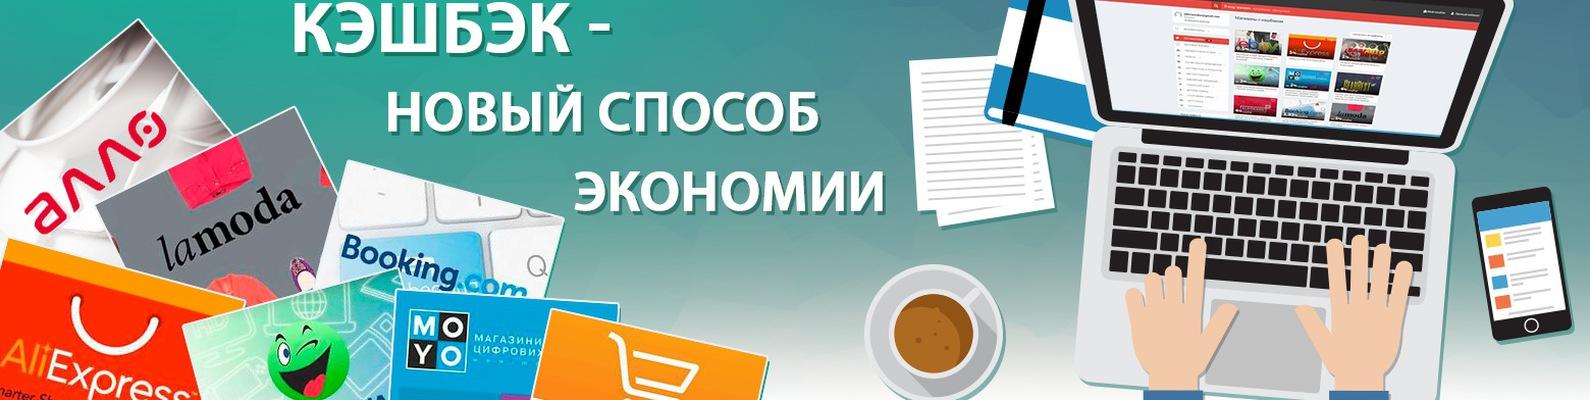 Лучшие кэшбэк сервисы для покупок в интернете